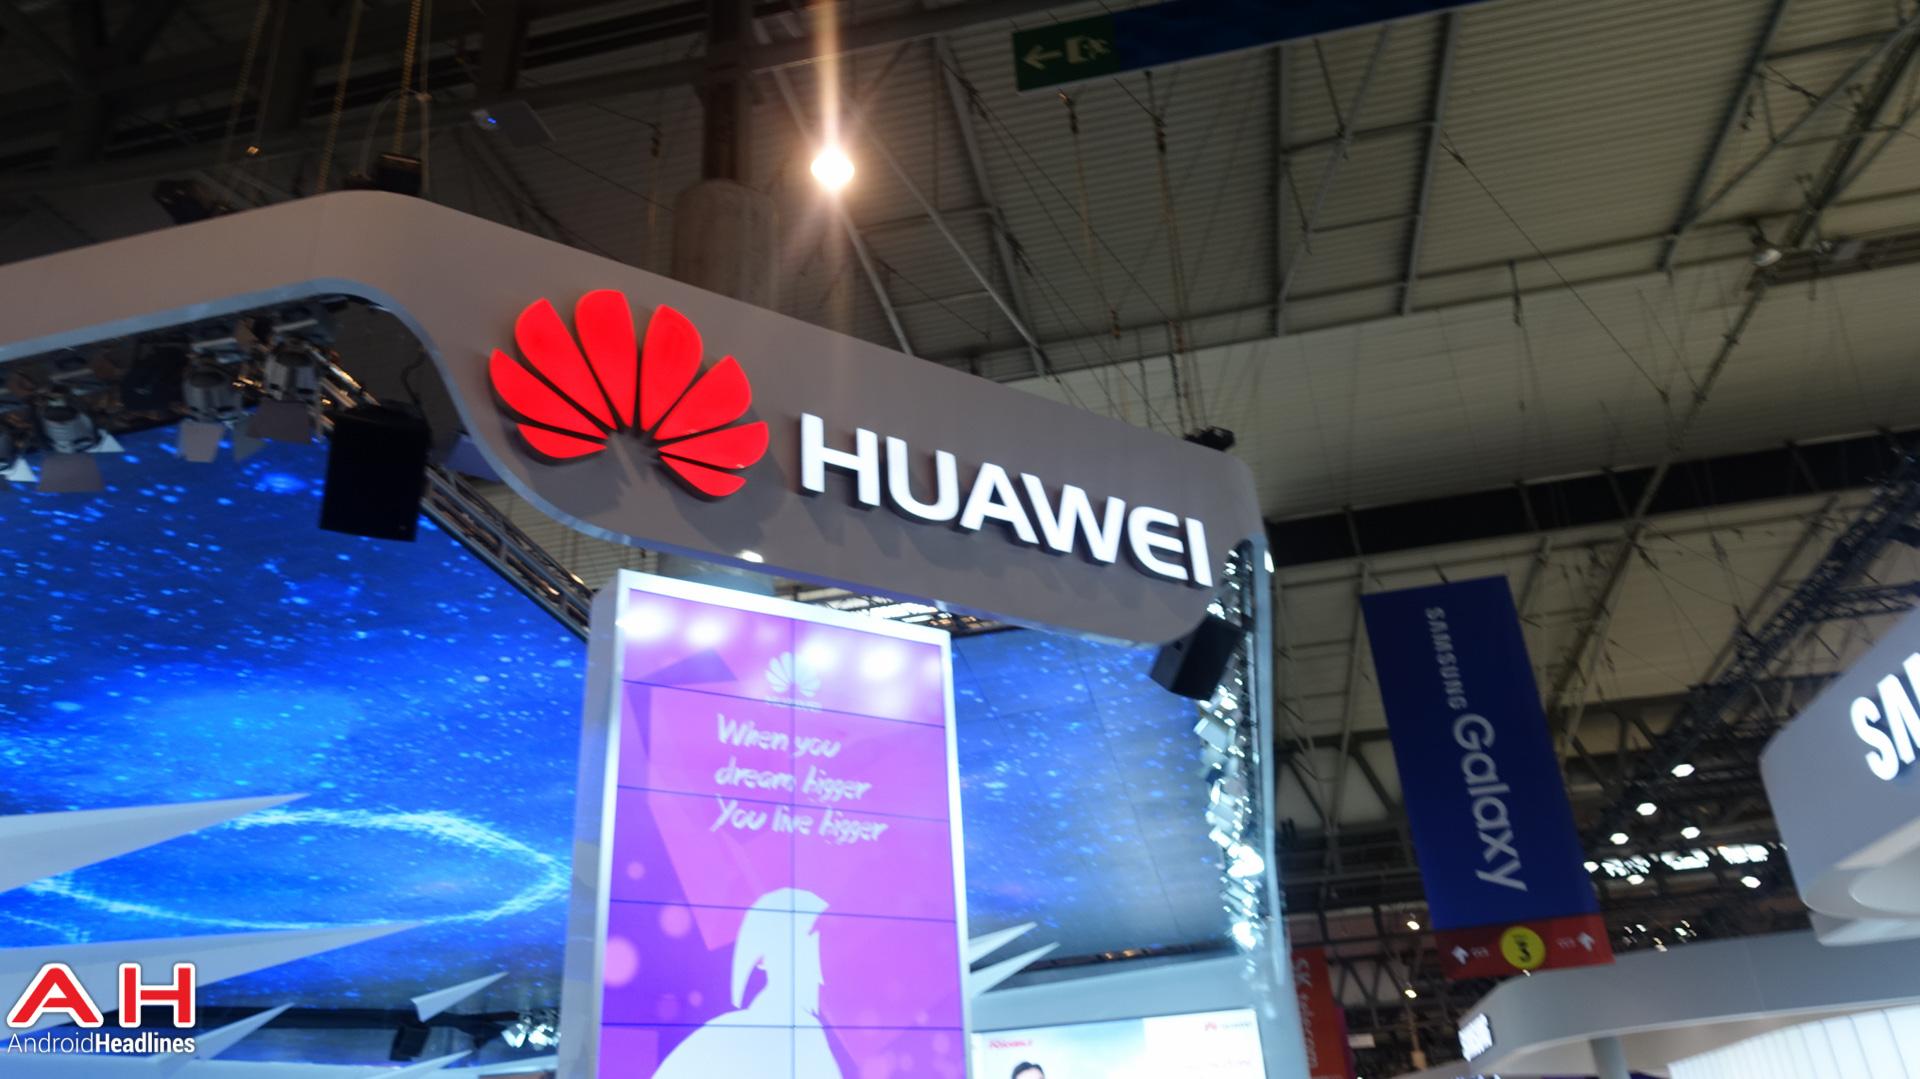 image-1452840109-Huawei-Logo-AH10